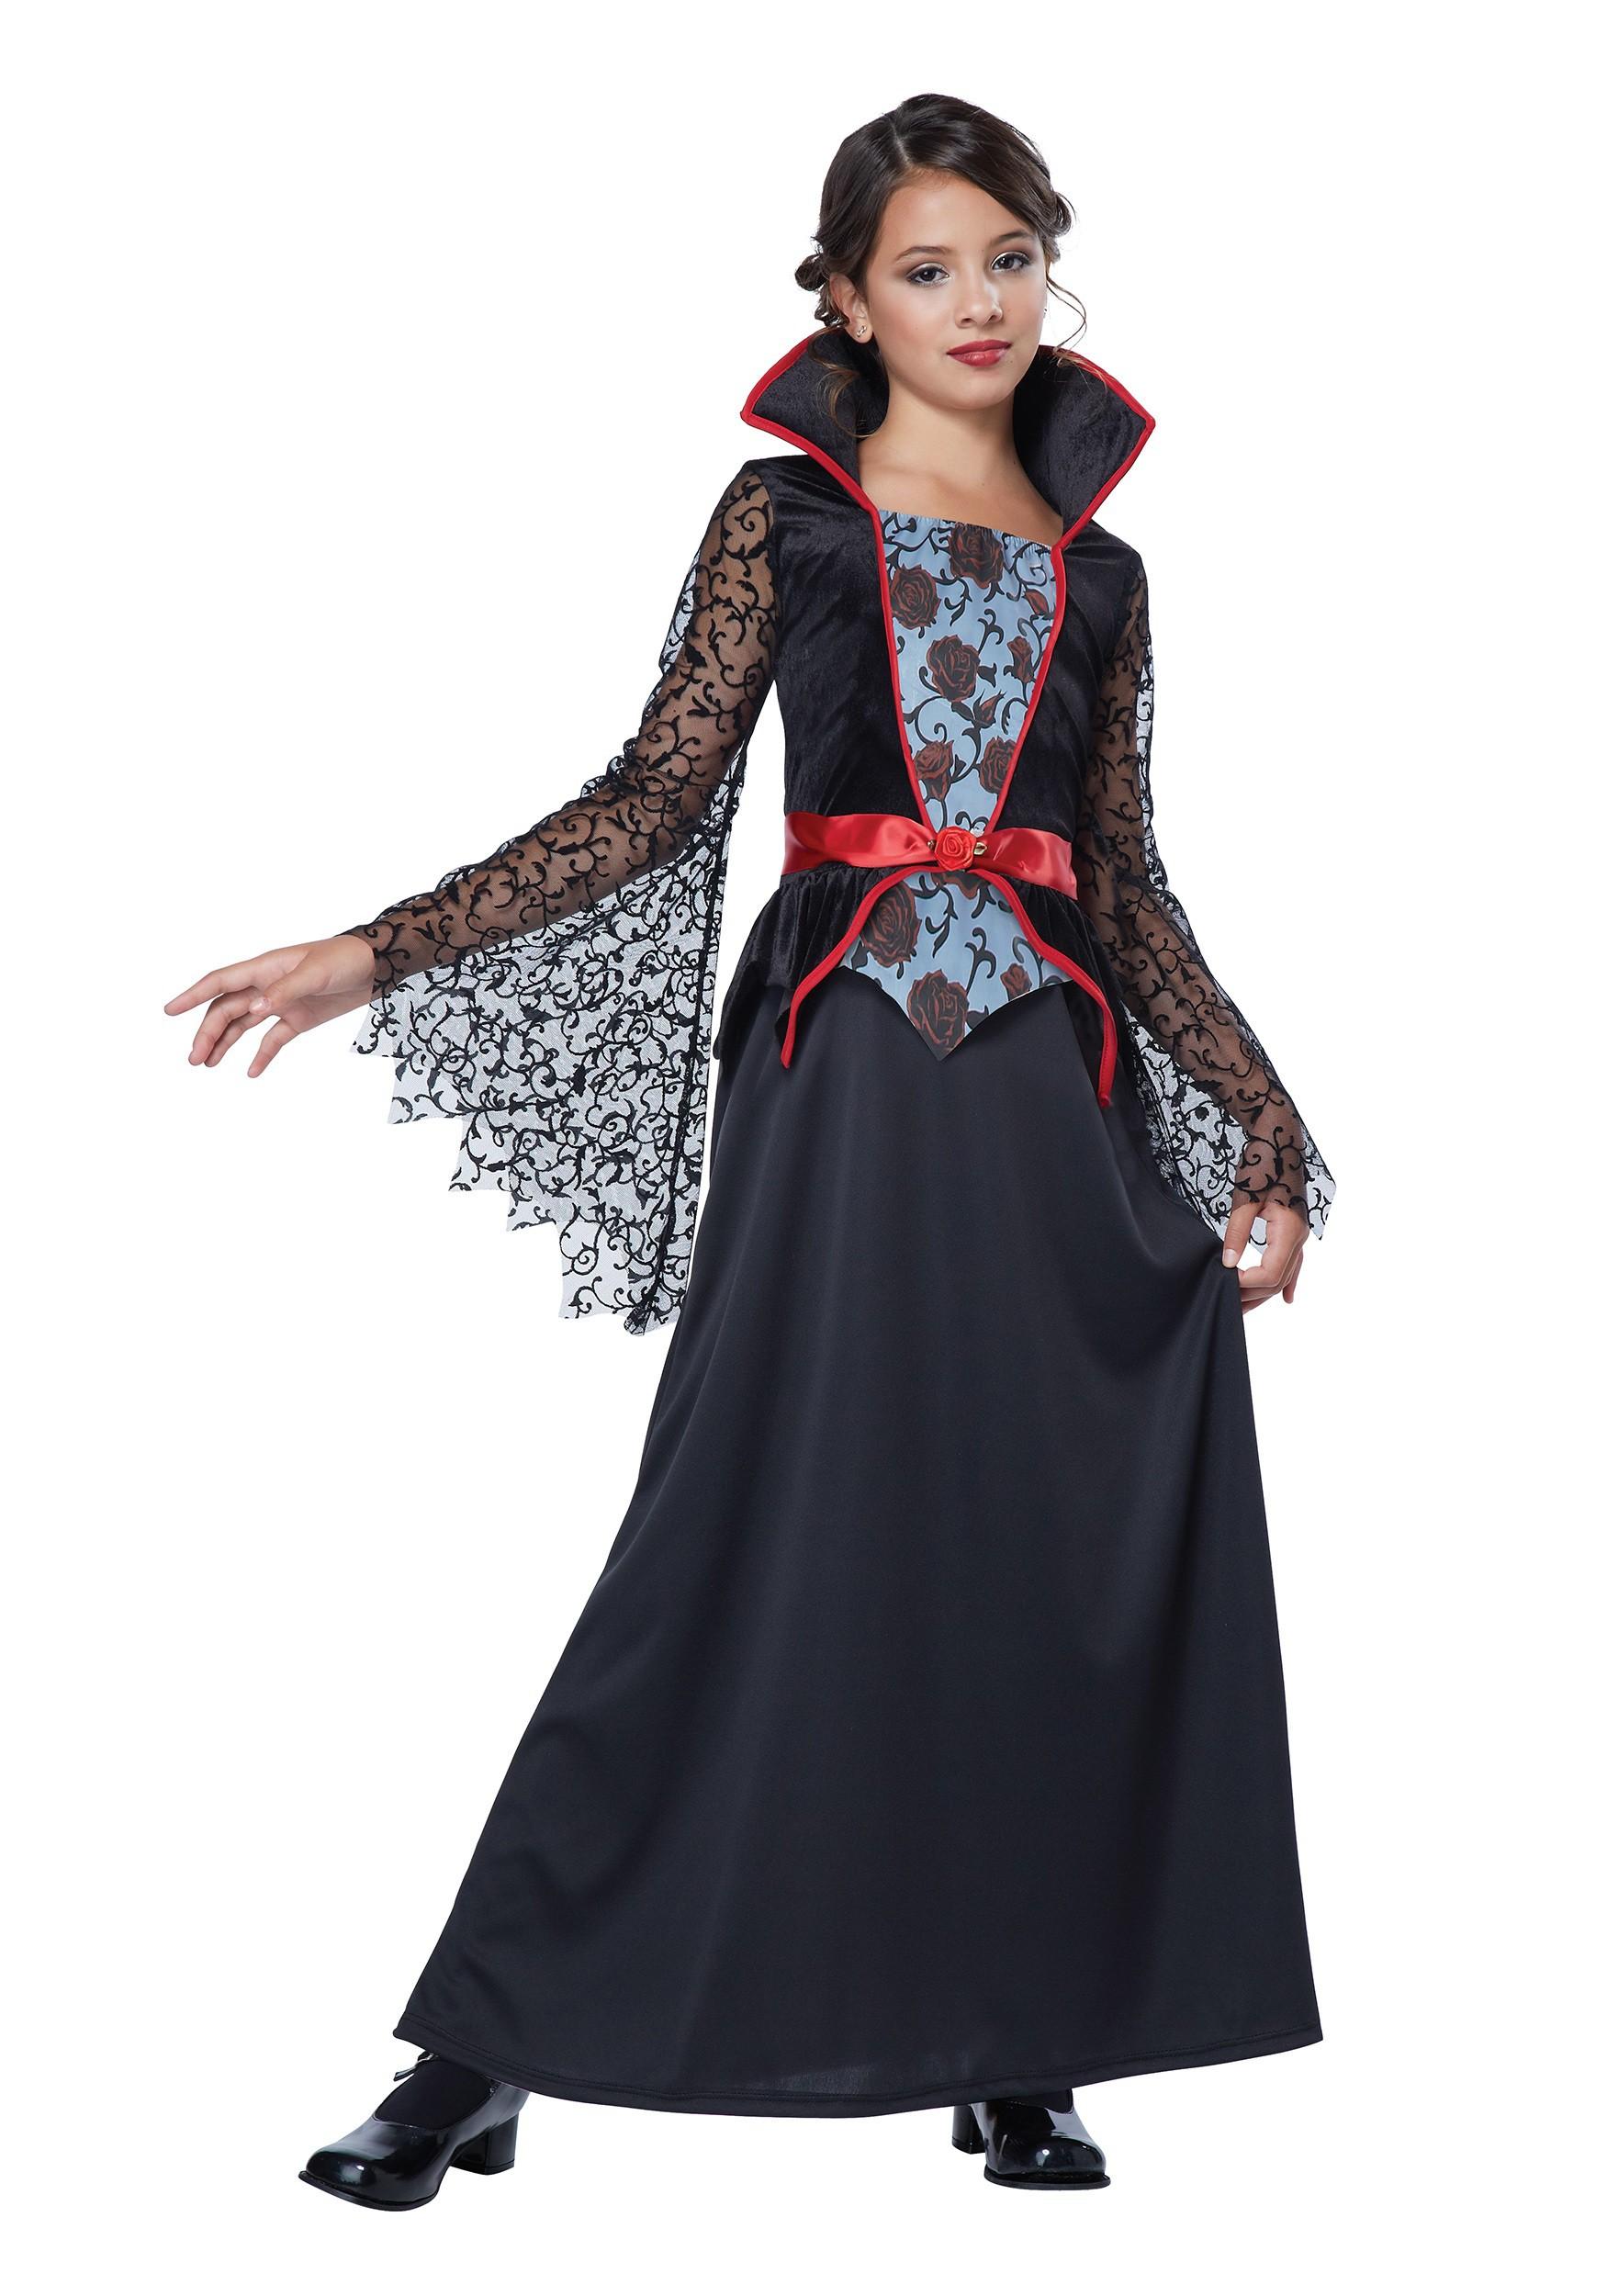 girls countess bloodthorne vampiress costume. Black Bedroom Furniture Sets. Home Design Ideas